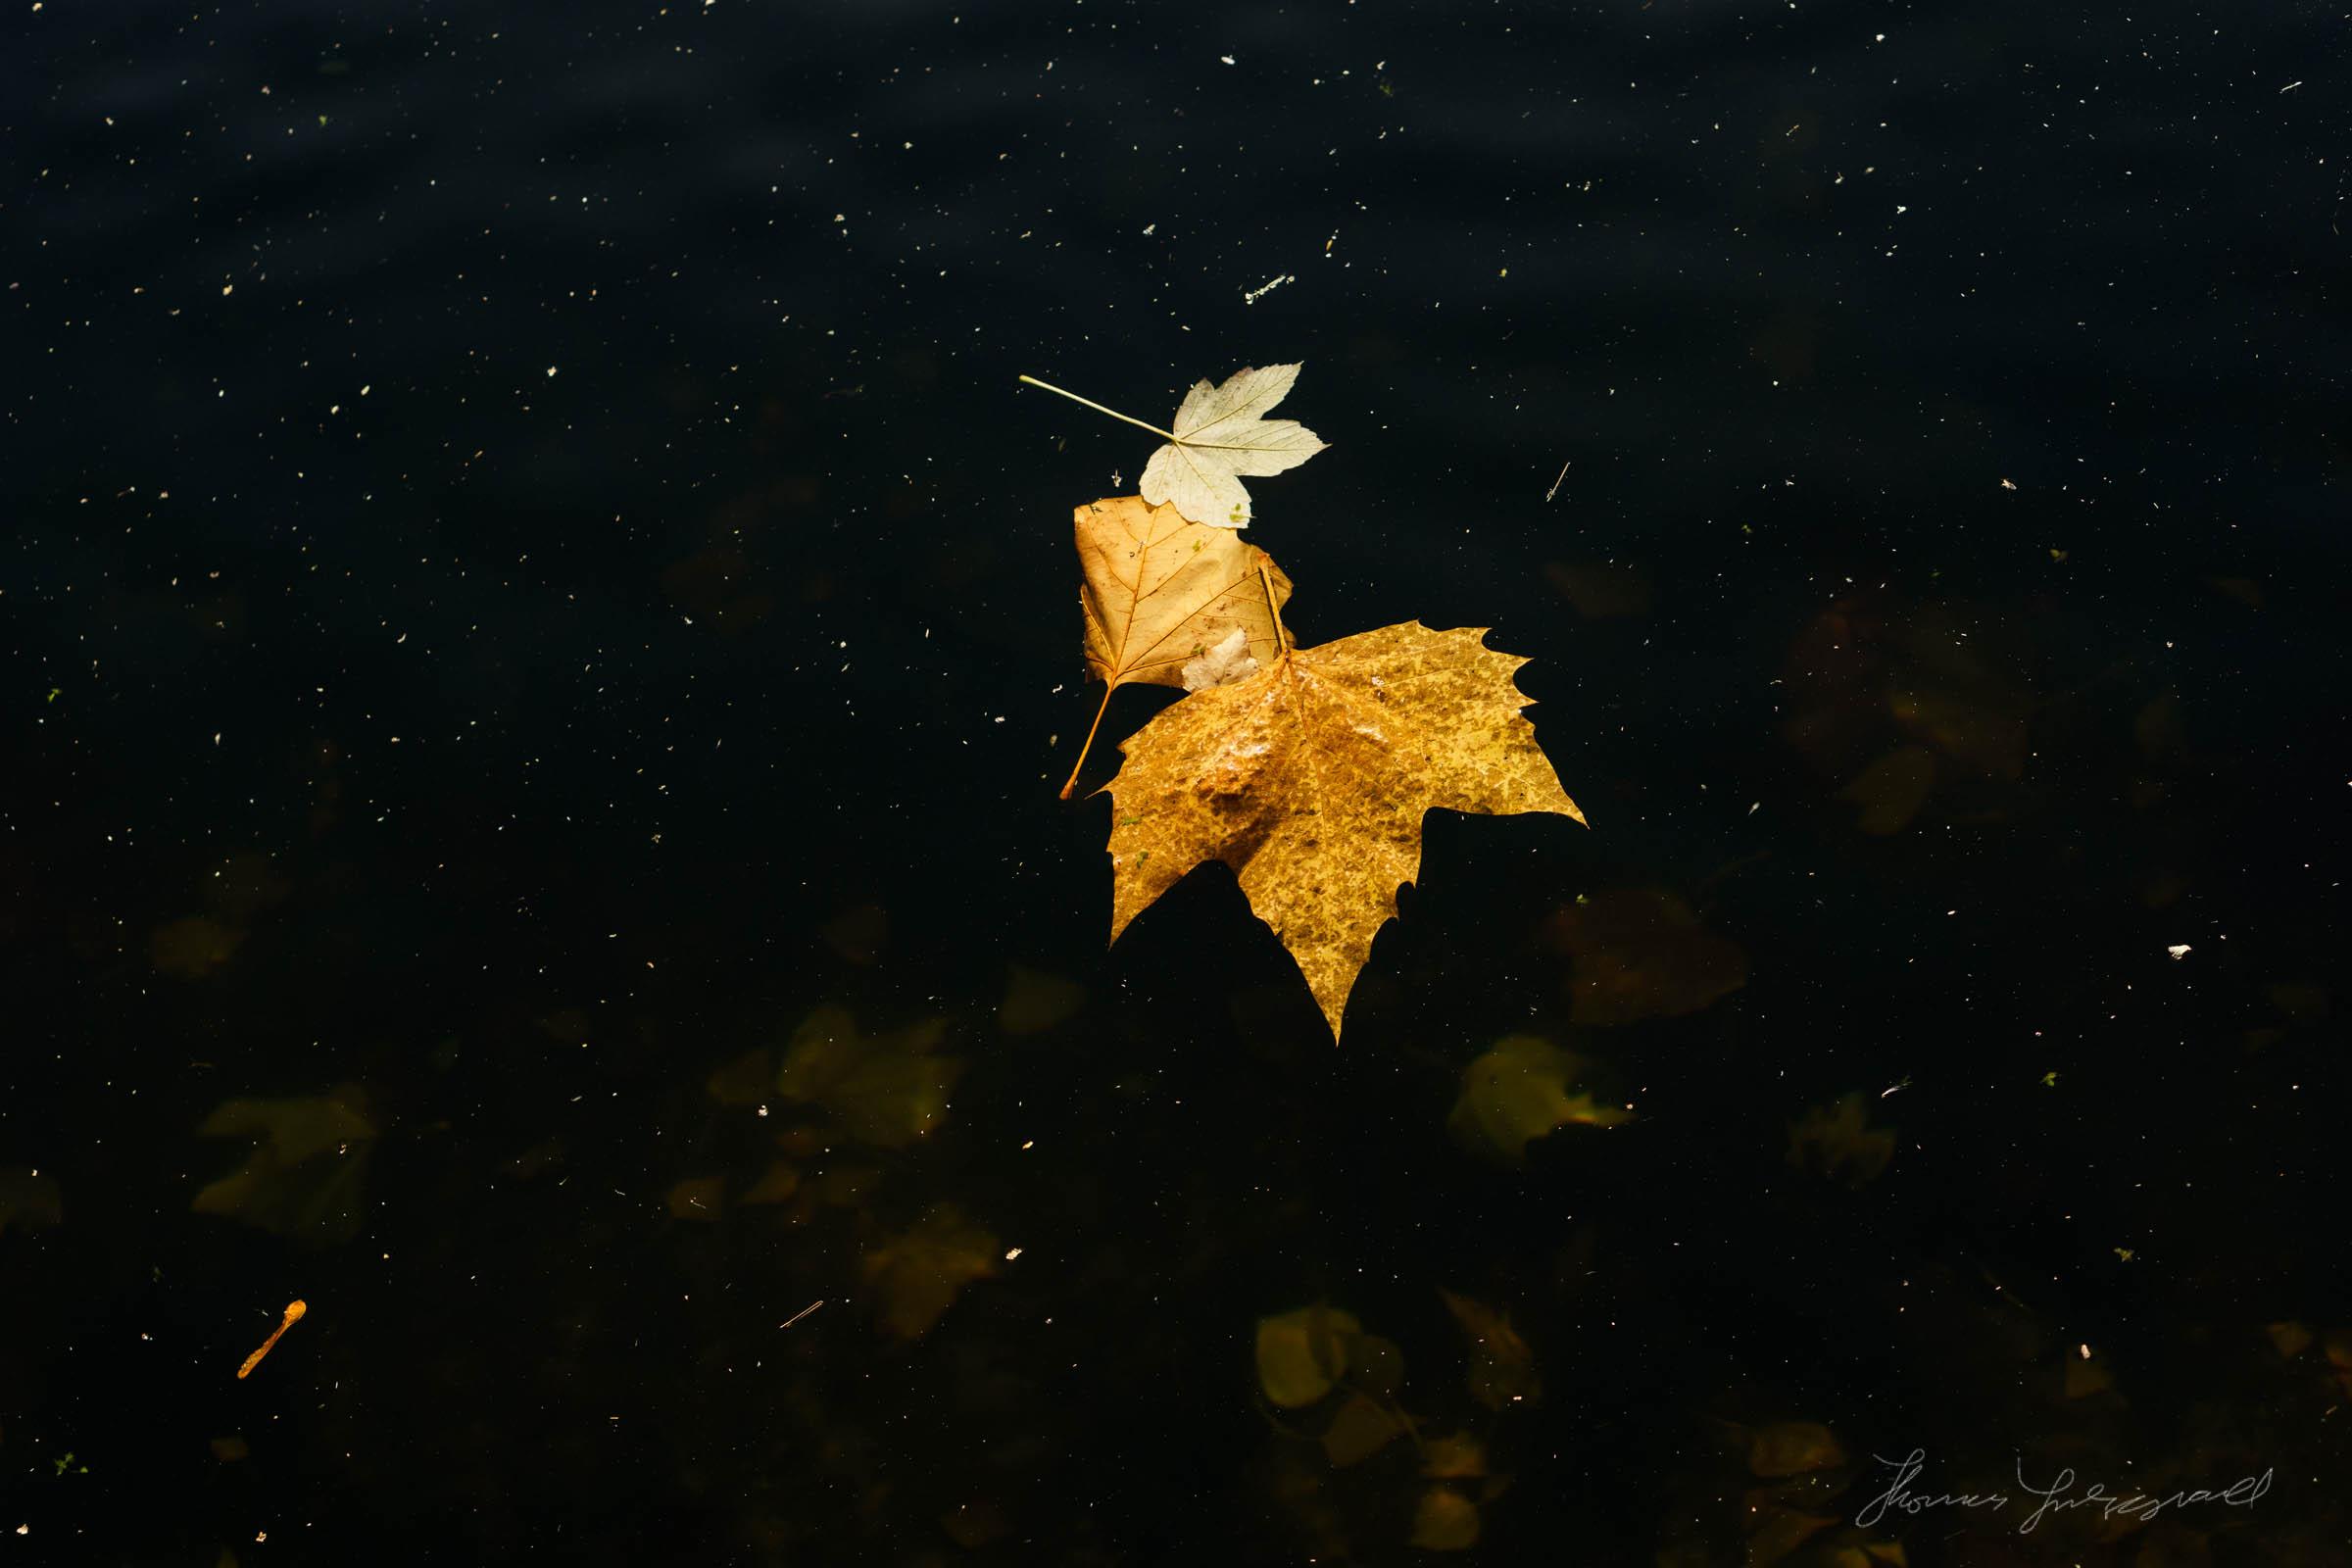 Autumn-Dublin-Sony-A6000-39.jpg